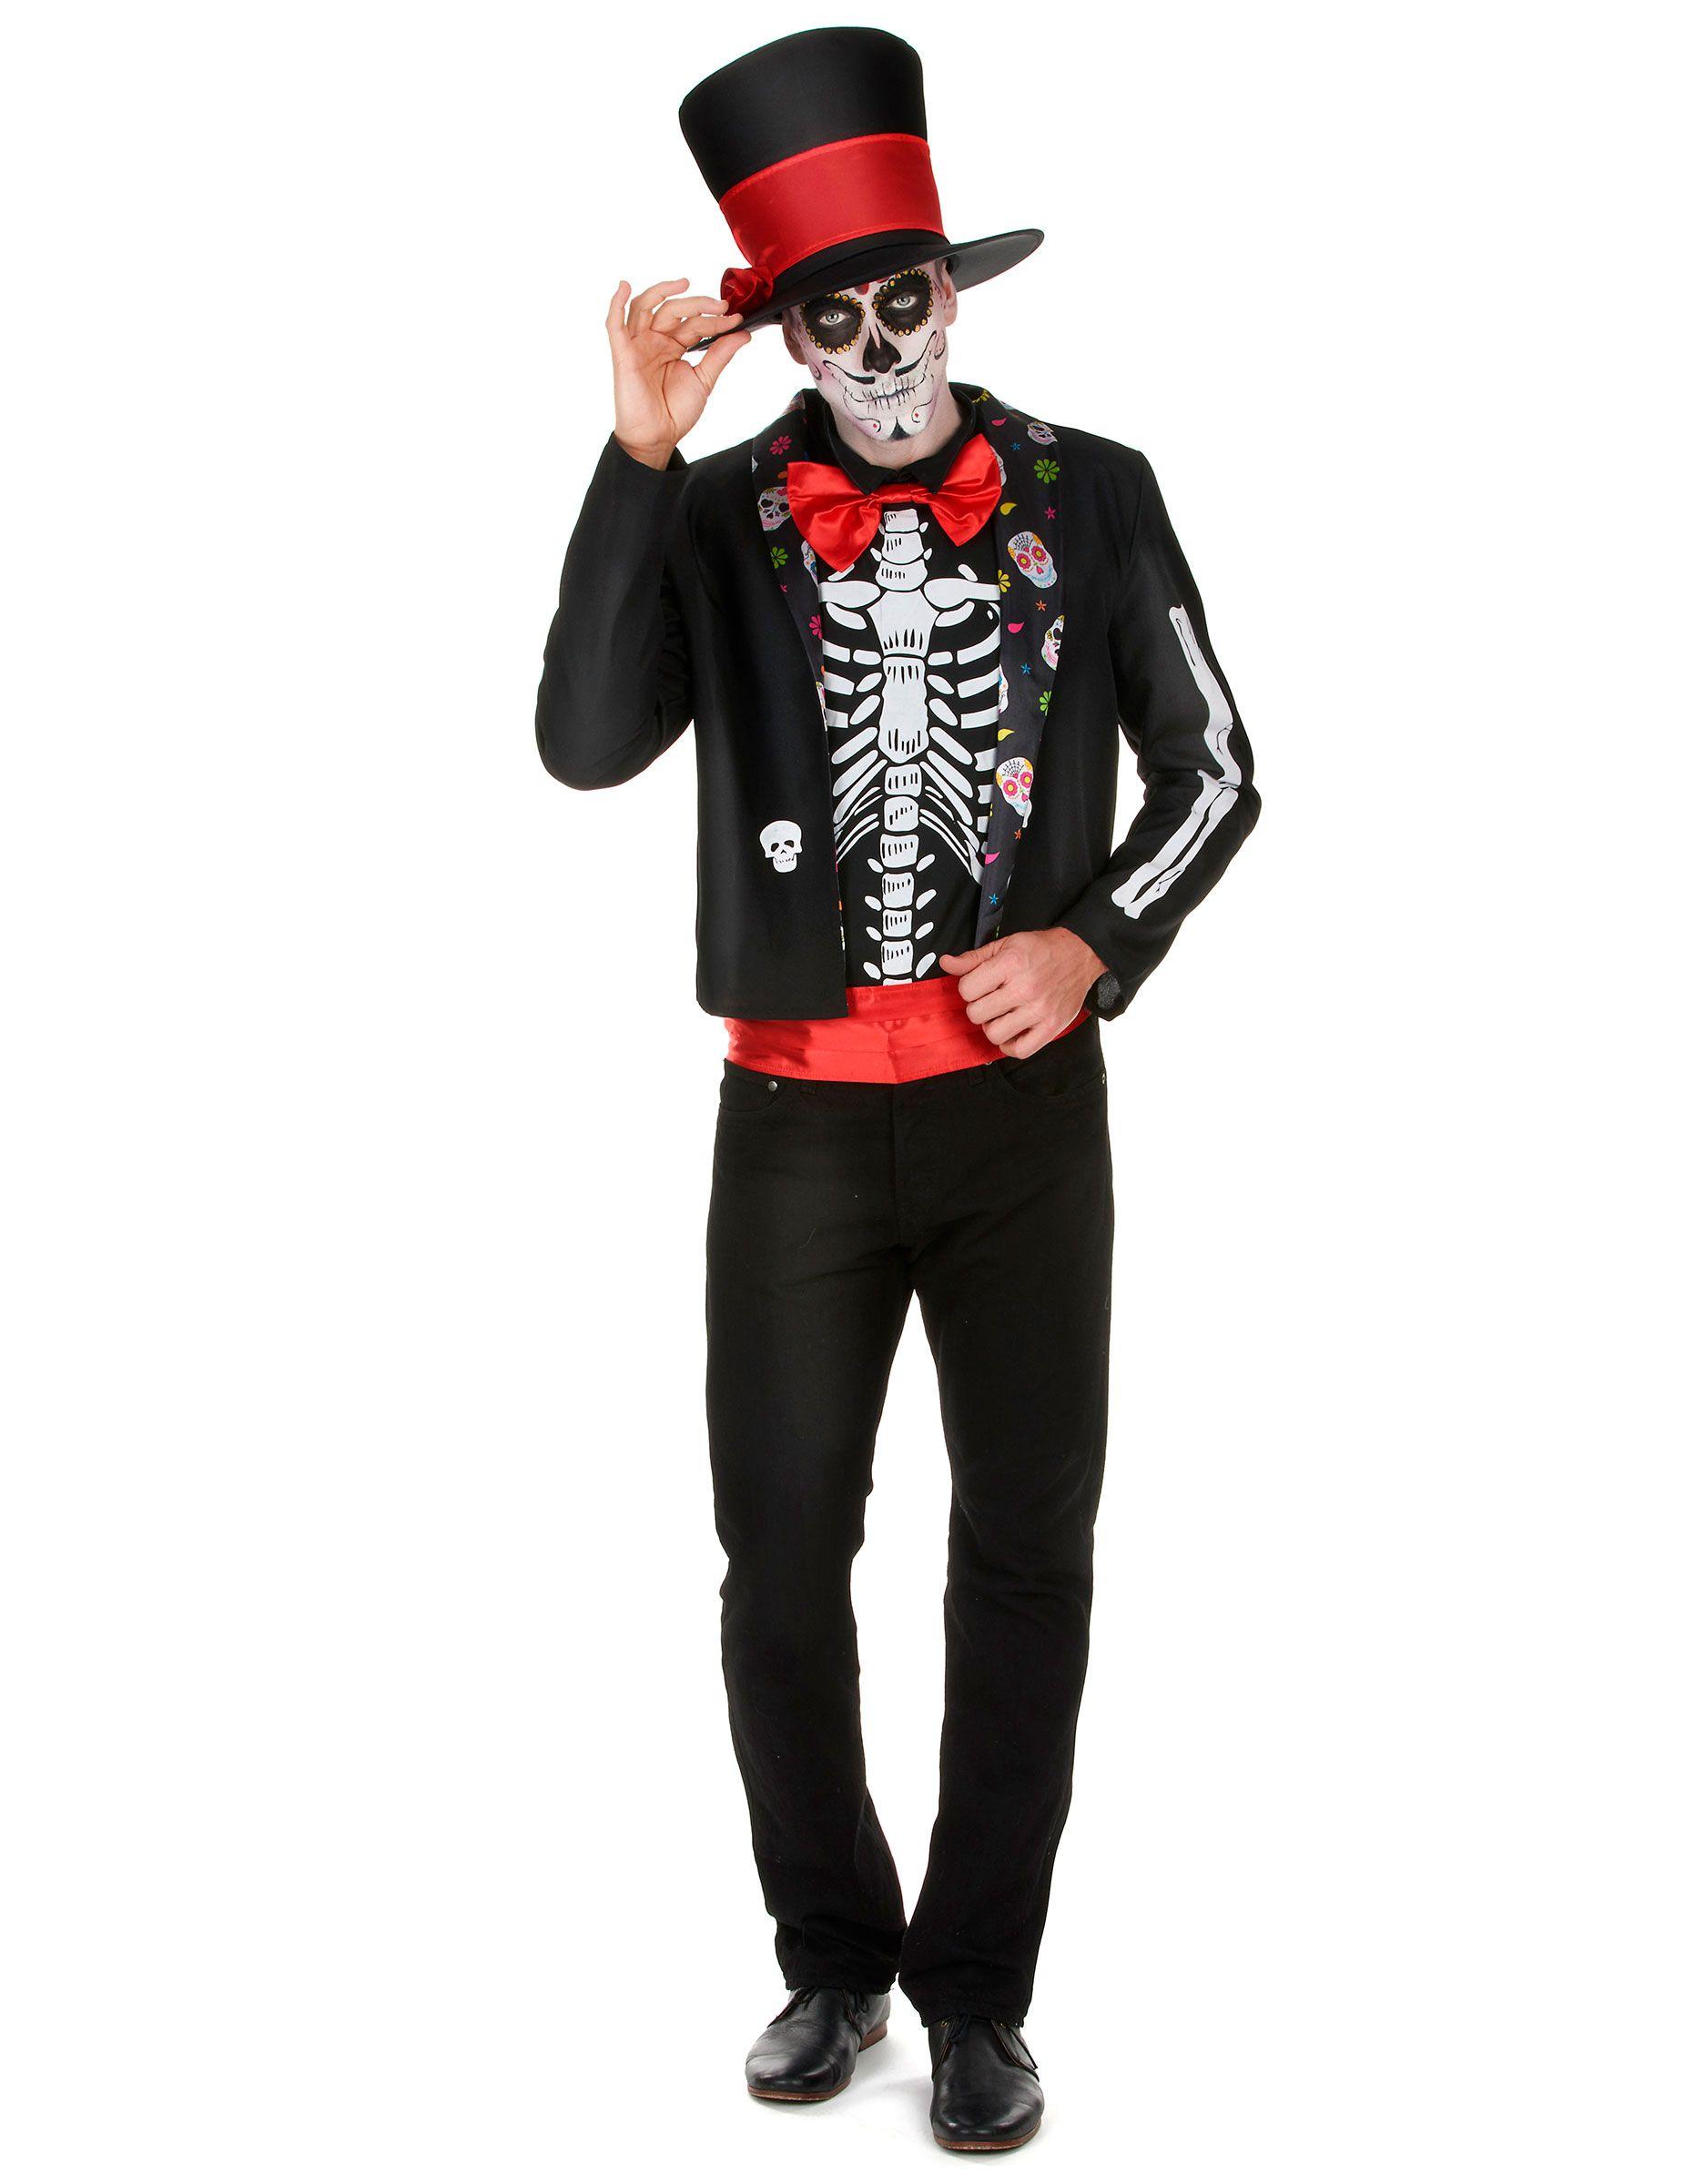 Disfraz de esqueleto Día de los Muertos hombre  Este disfraz del Día de los  Muertos 3741b32f08d43